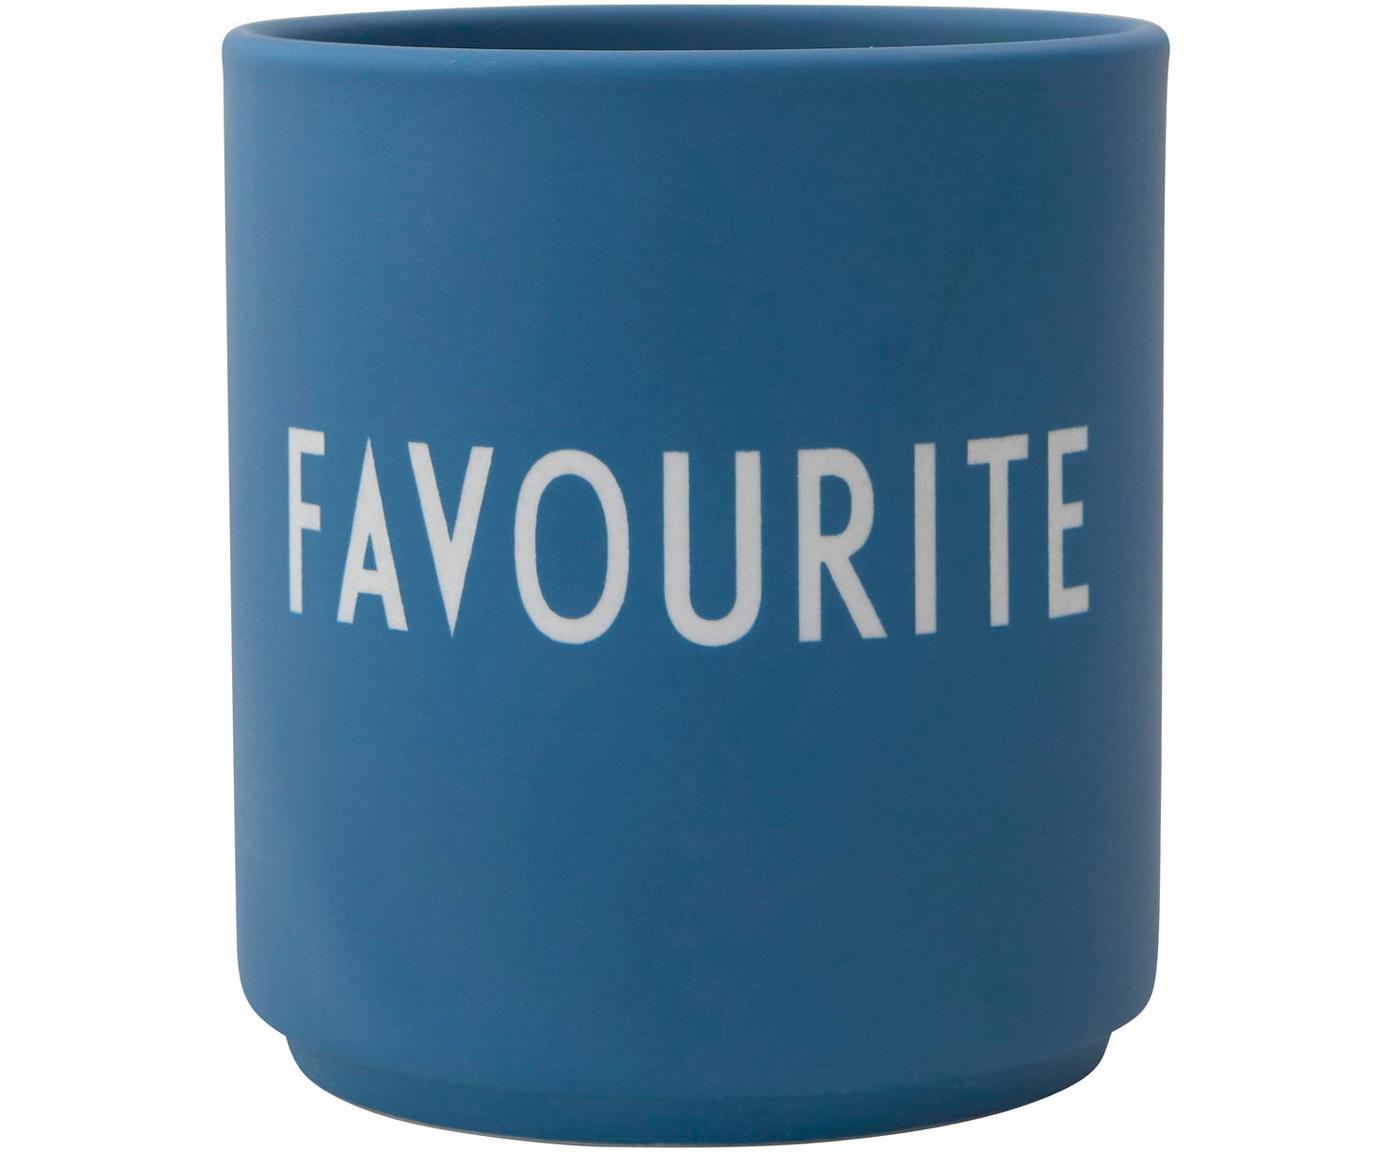 Design Becher Favourite mit Schriftzug, Fine Bone China, glasiert, Blau, Weiß, Ø 8 x H 9 cm